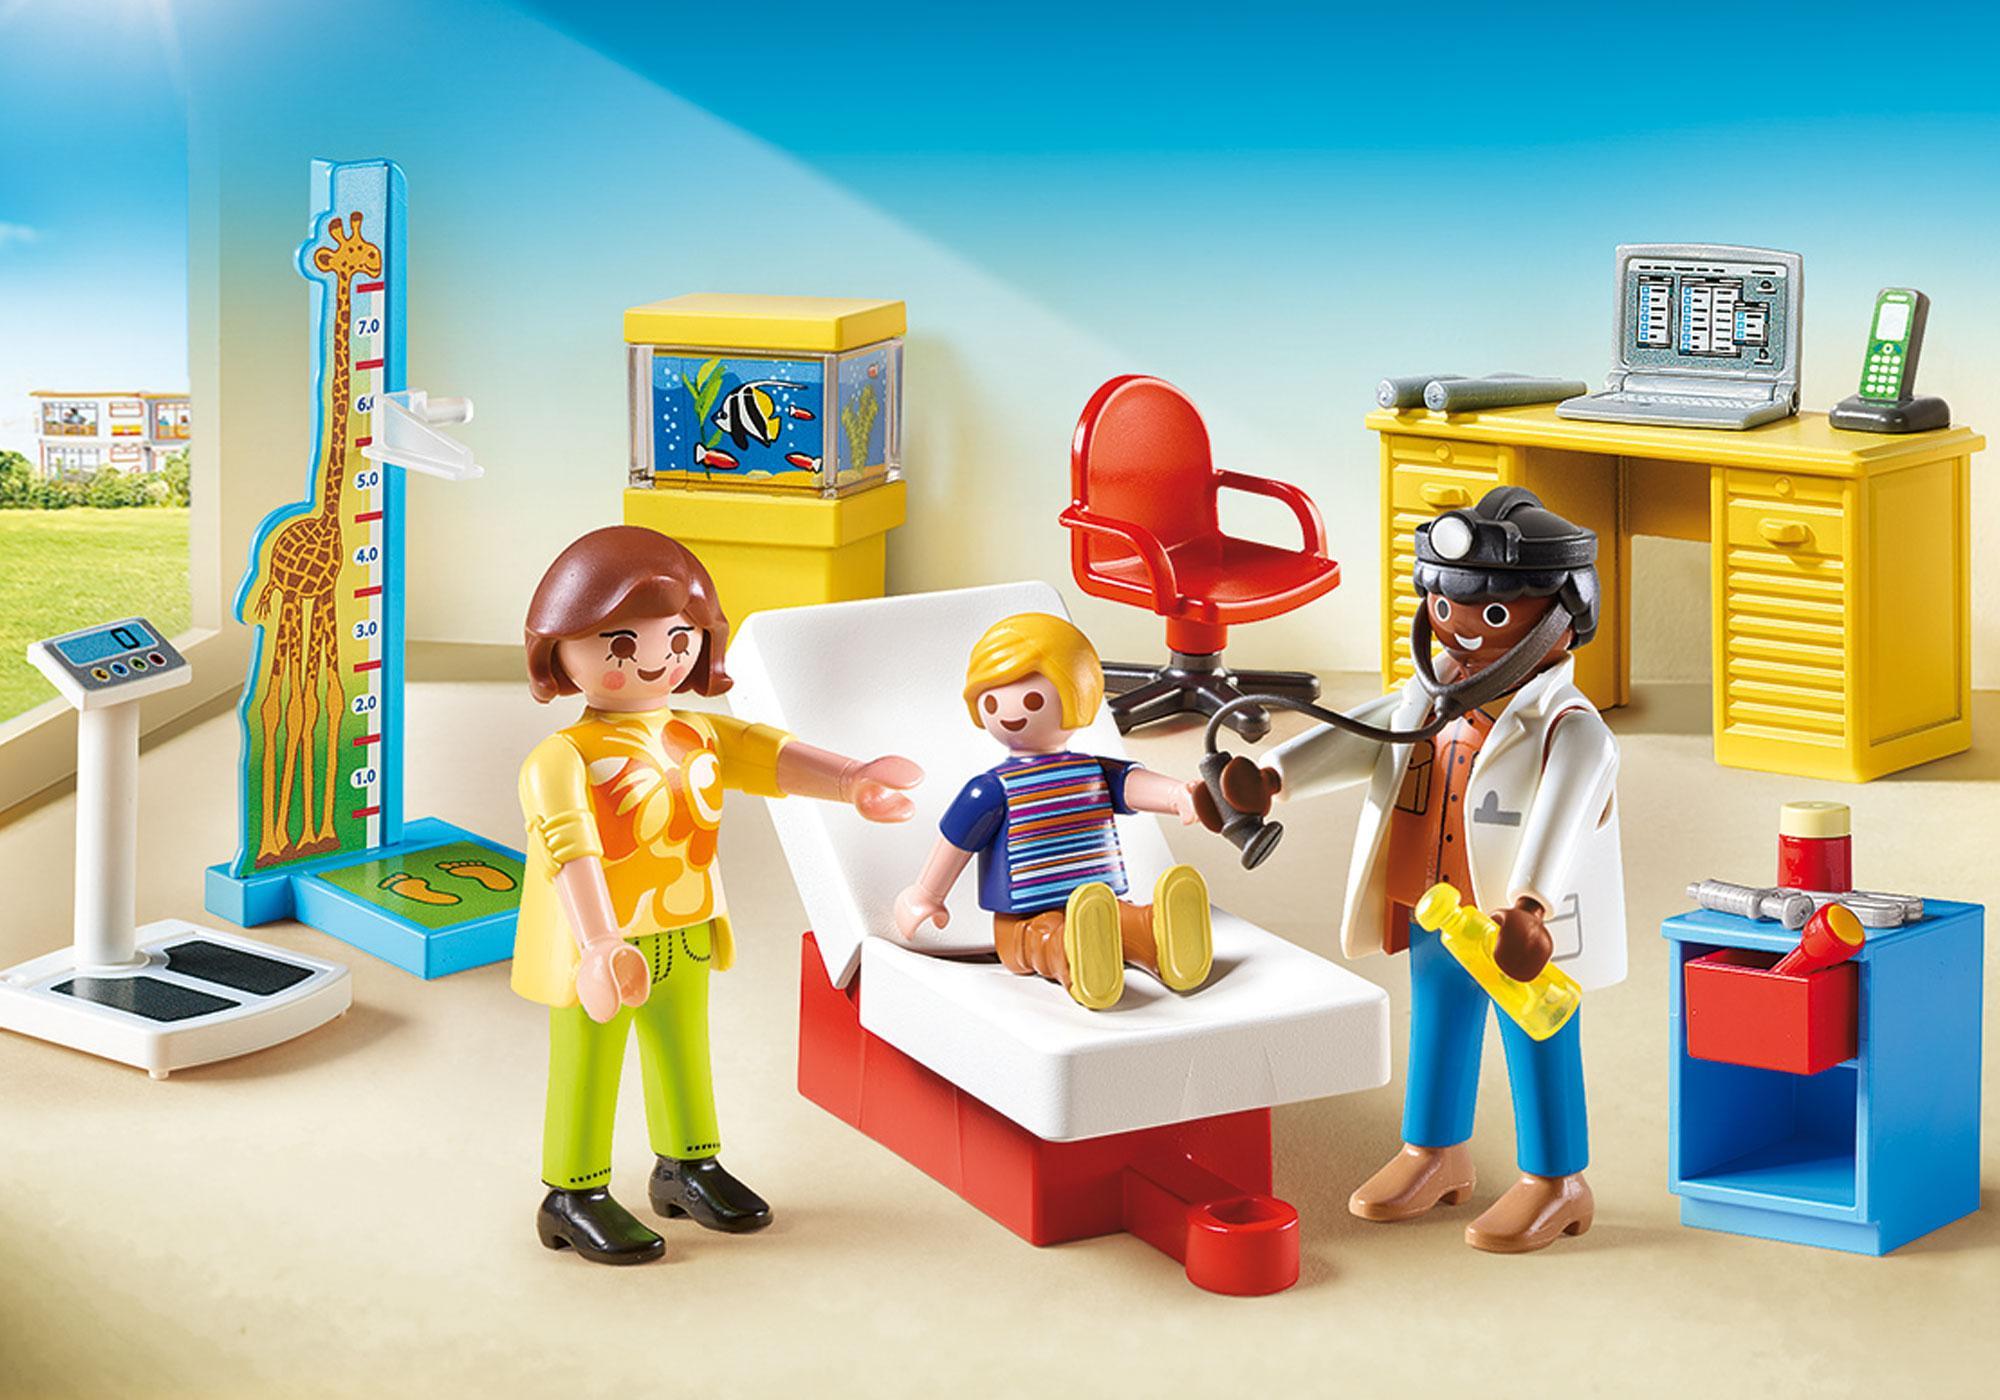 70034_product_detail/StarterPack Cabinet de pédiatre